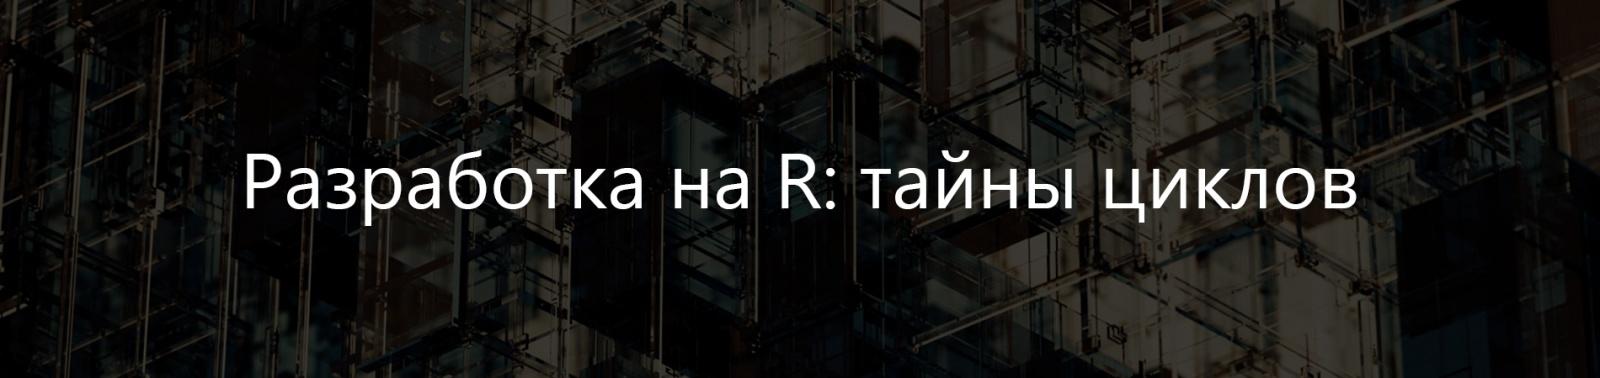 Разработка на R: тайны циклов - 1